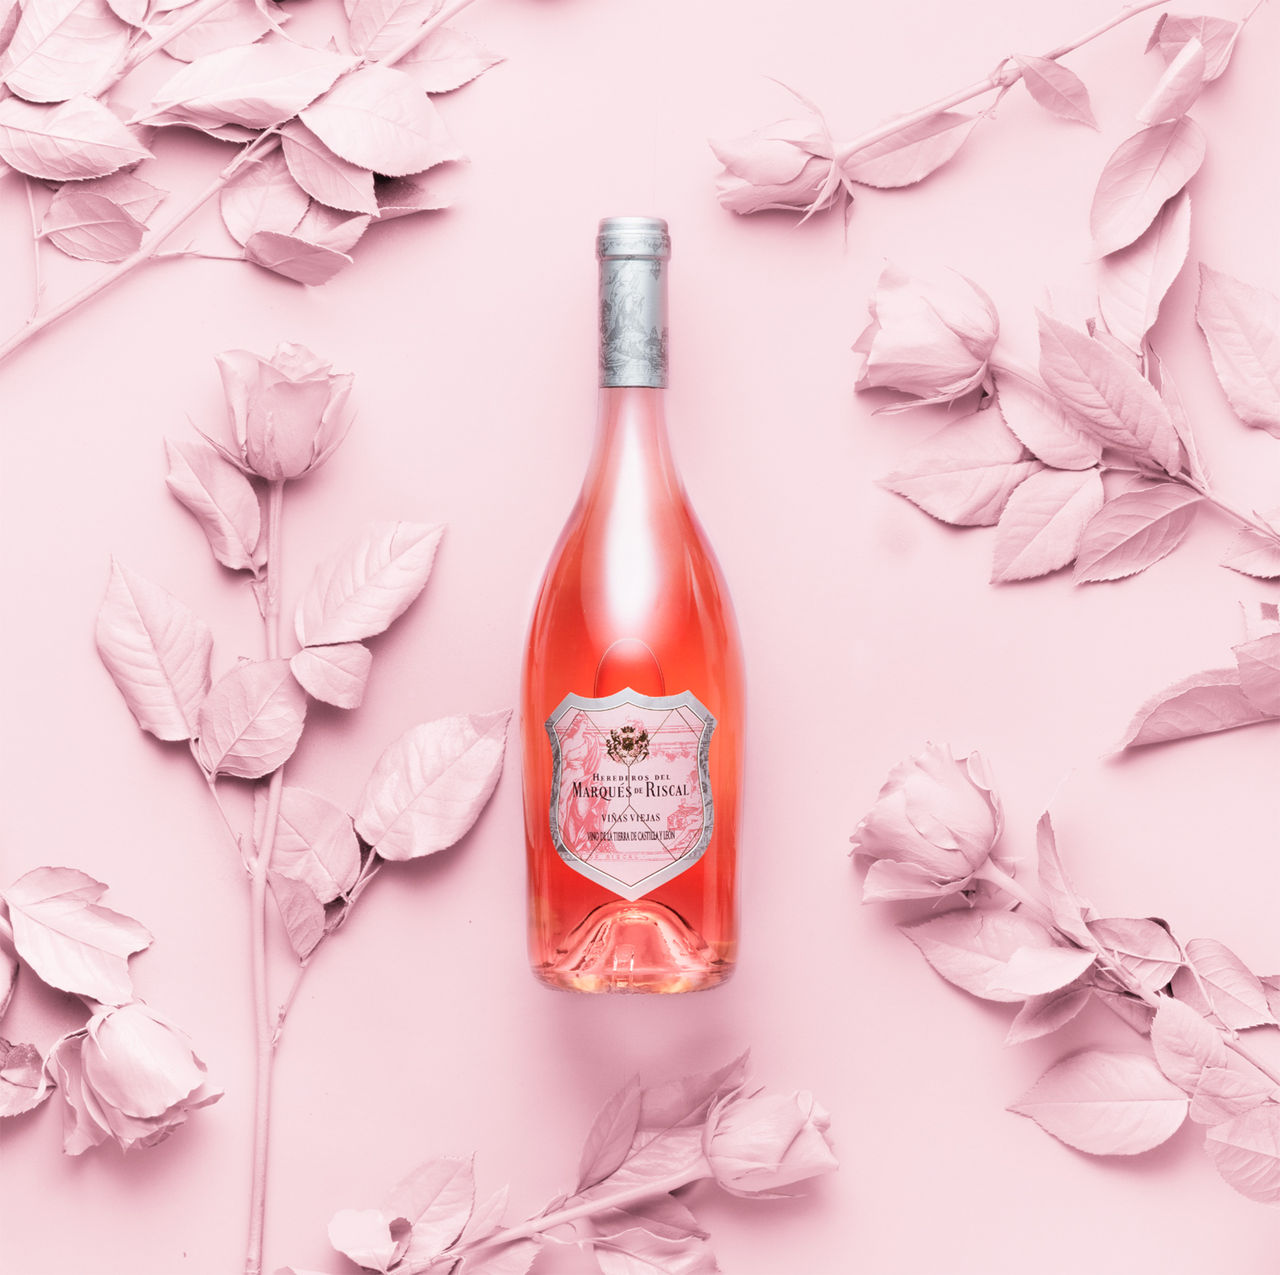 Nytt rosévin från Spaniens äldsta vinhus